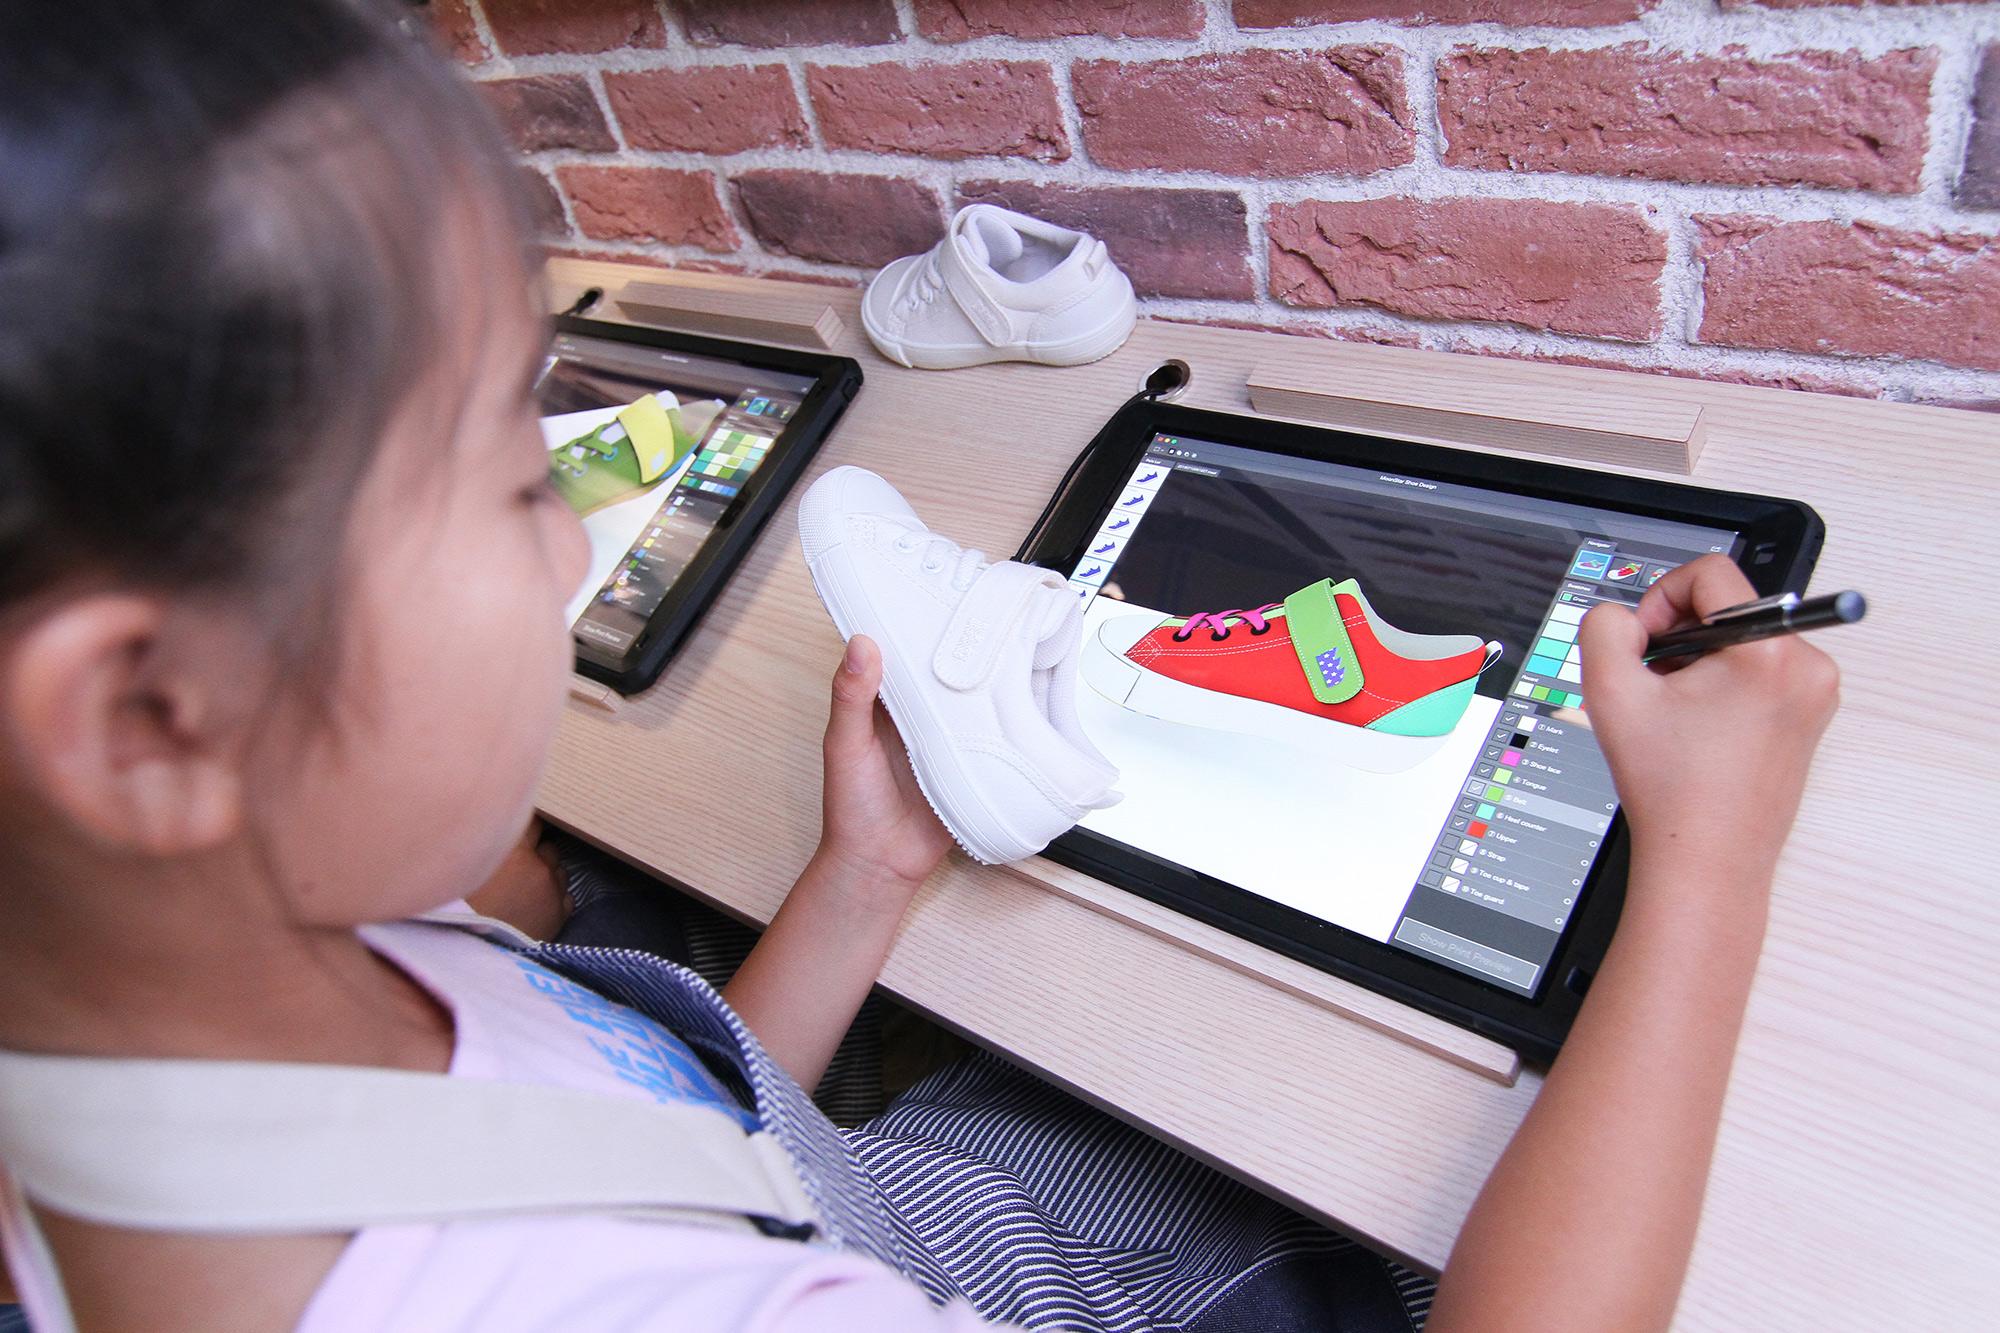 あなたのデザインが本物のスニーカーになる!? 〈キッザニア東京〉の「くつ工場」パビリオンにてデザインコンテストを開催!